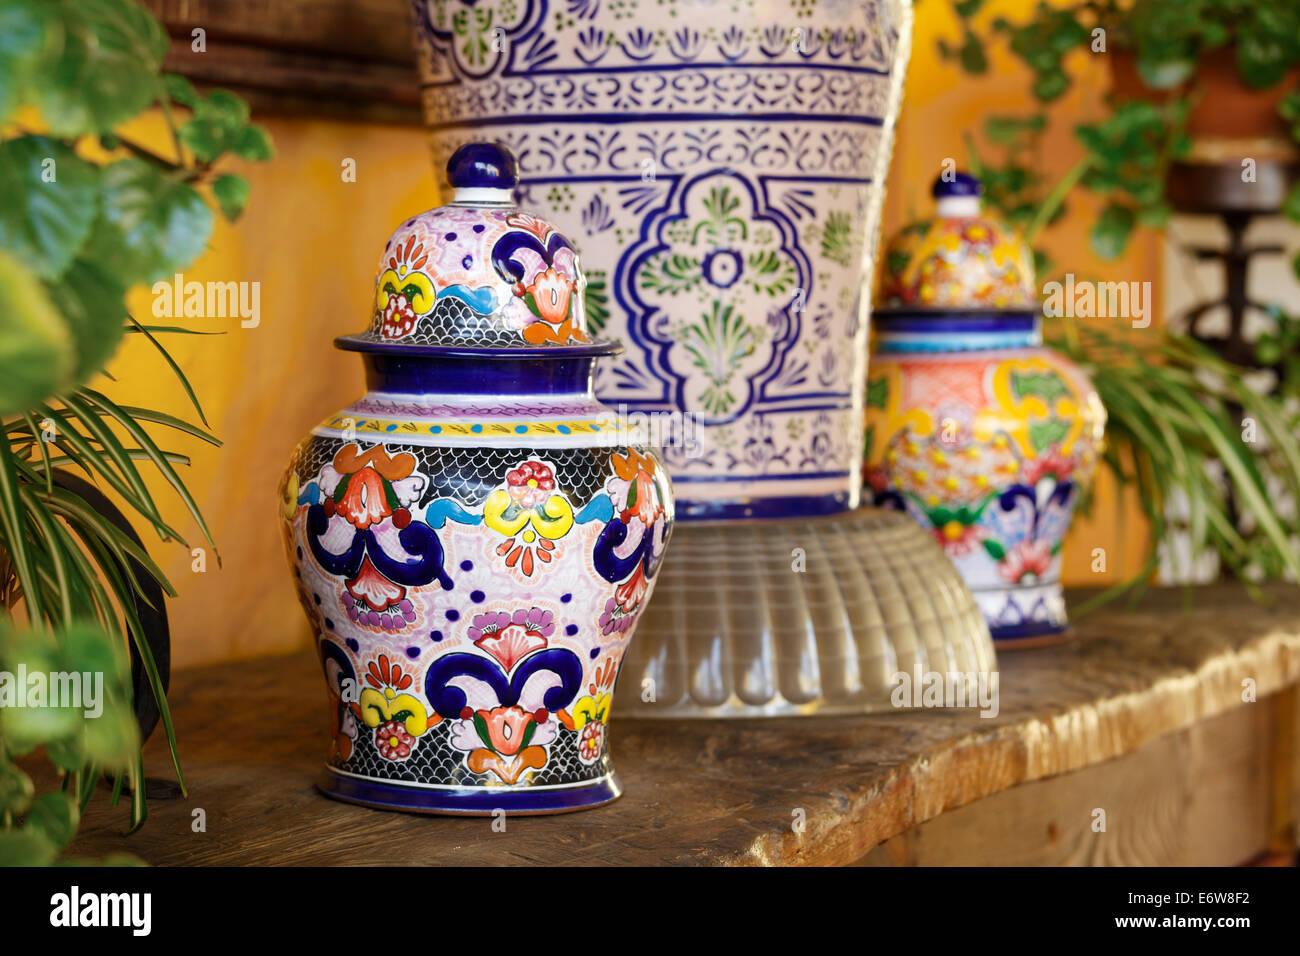 Talavera Pots in Puebla, Mexico. - Stock Image